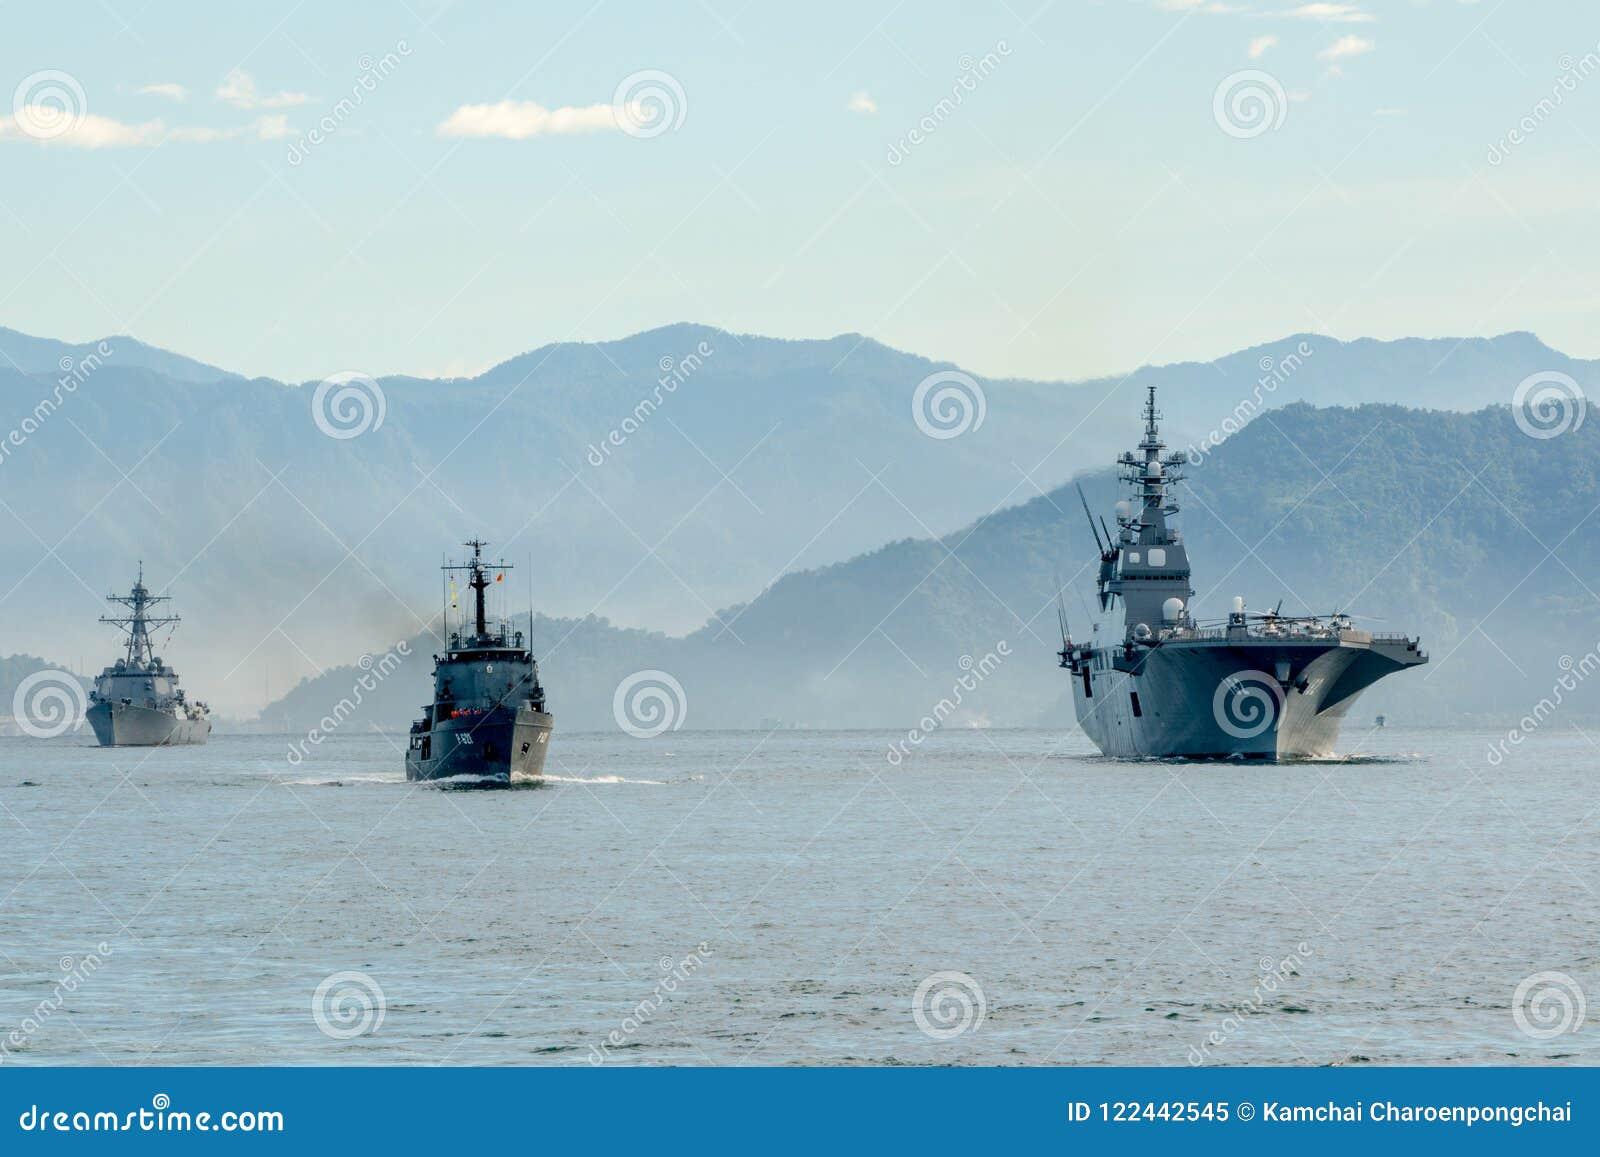 Het schip van SLNS Samudura P621 Sri Lanka, het schip van JS ddh-182 Ise Japanese, USS Stockdale ddg-106 het schip van de V.S.